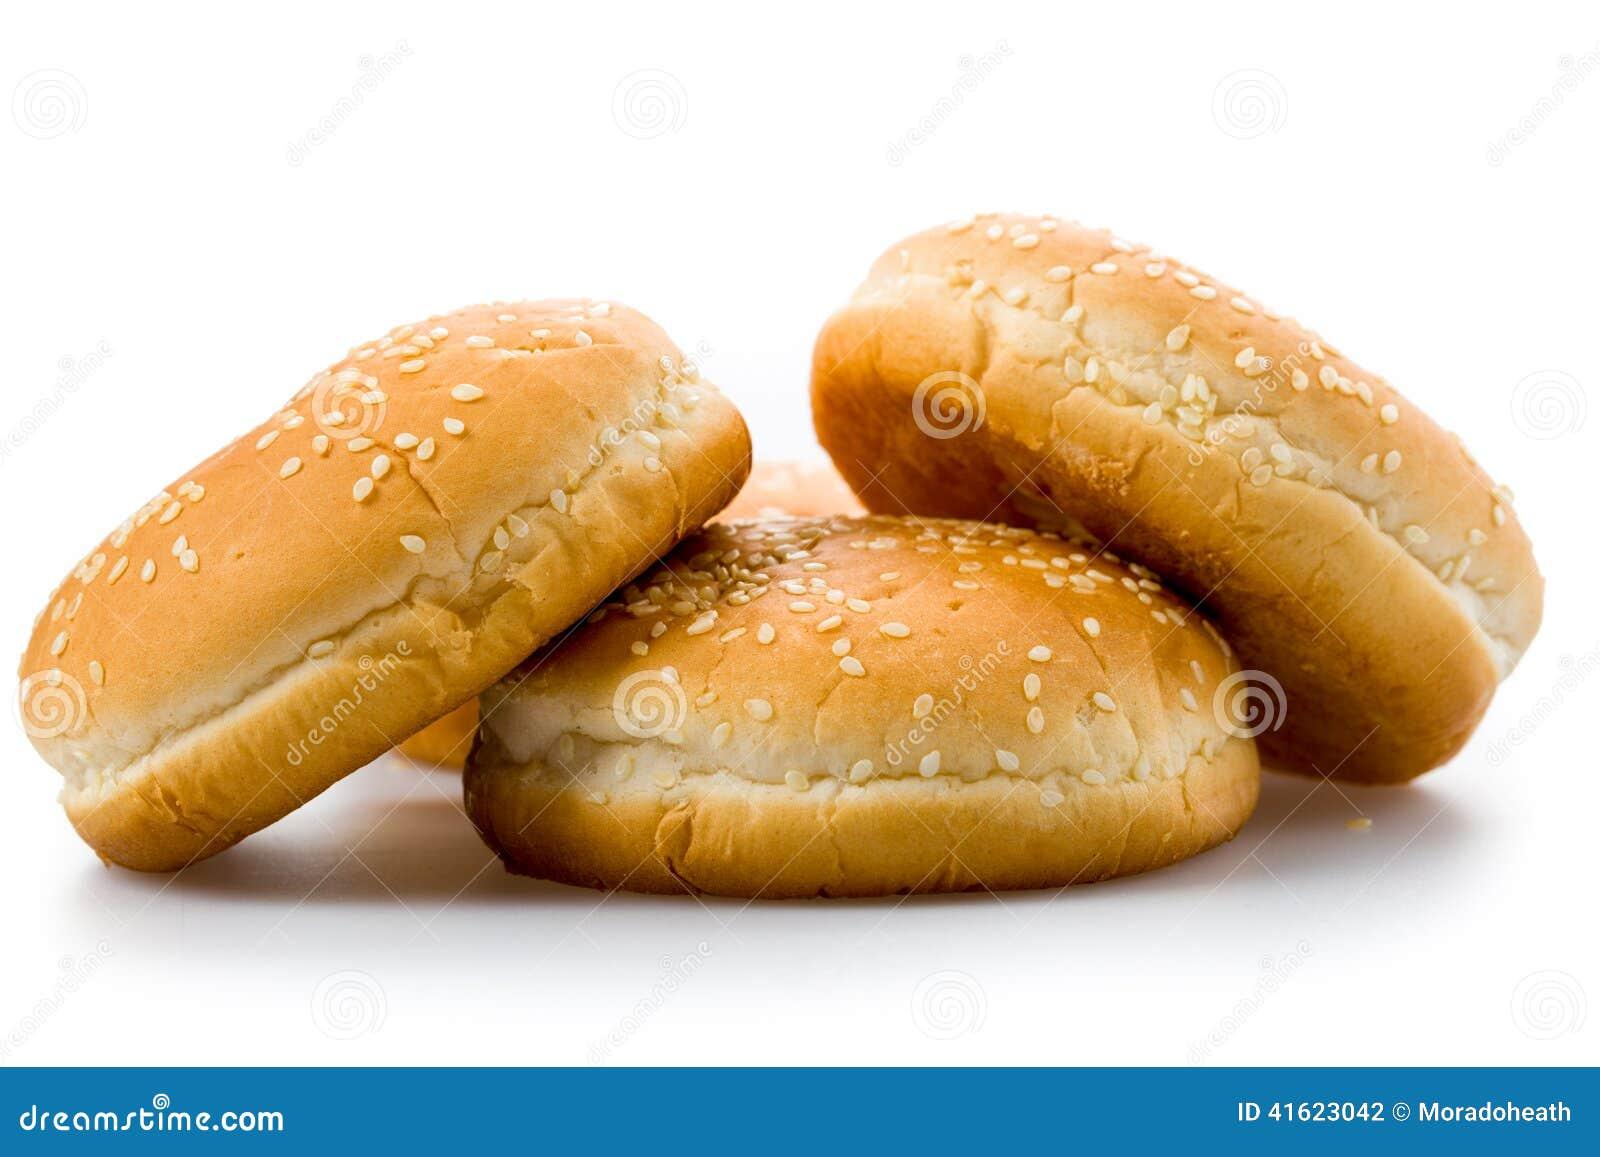 Download Burger Bun stock photo. Image of ketchup, cheeseburger - 41623042